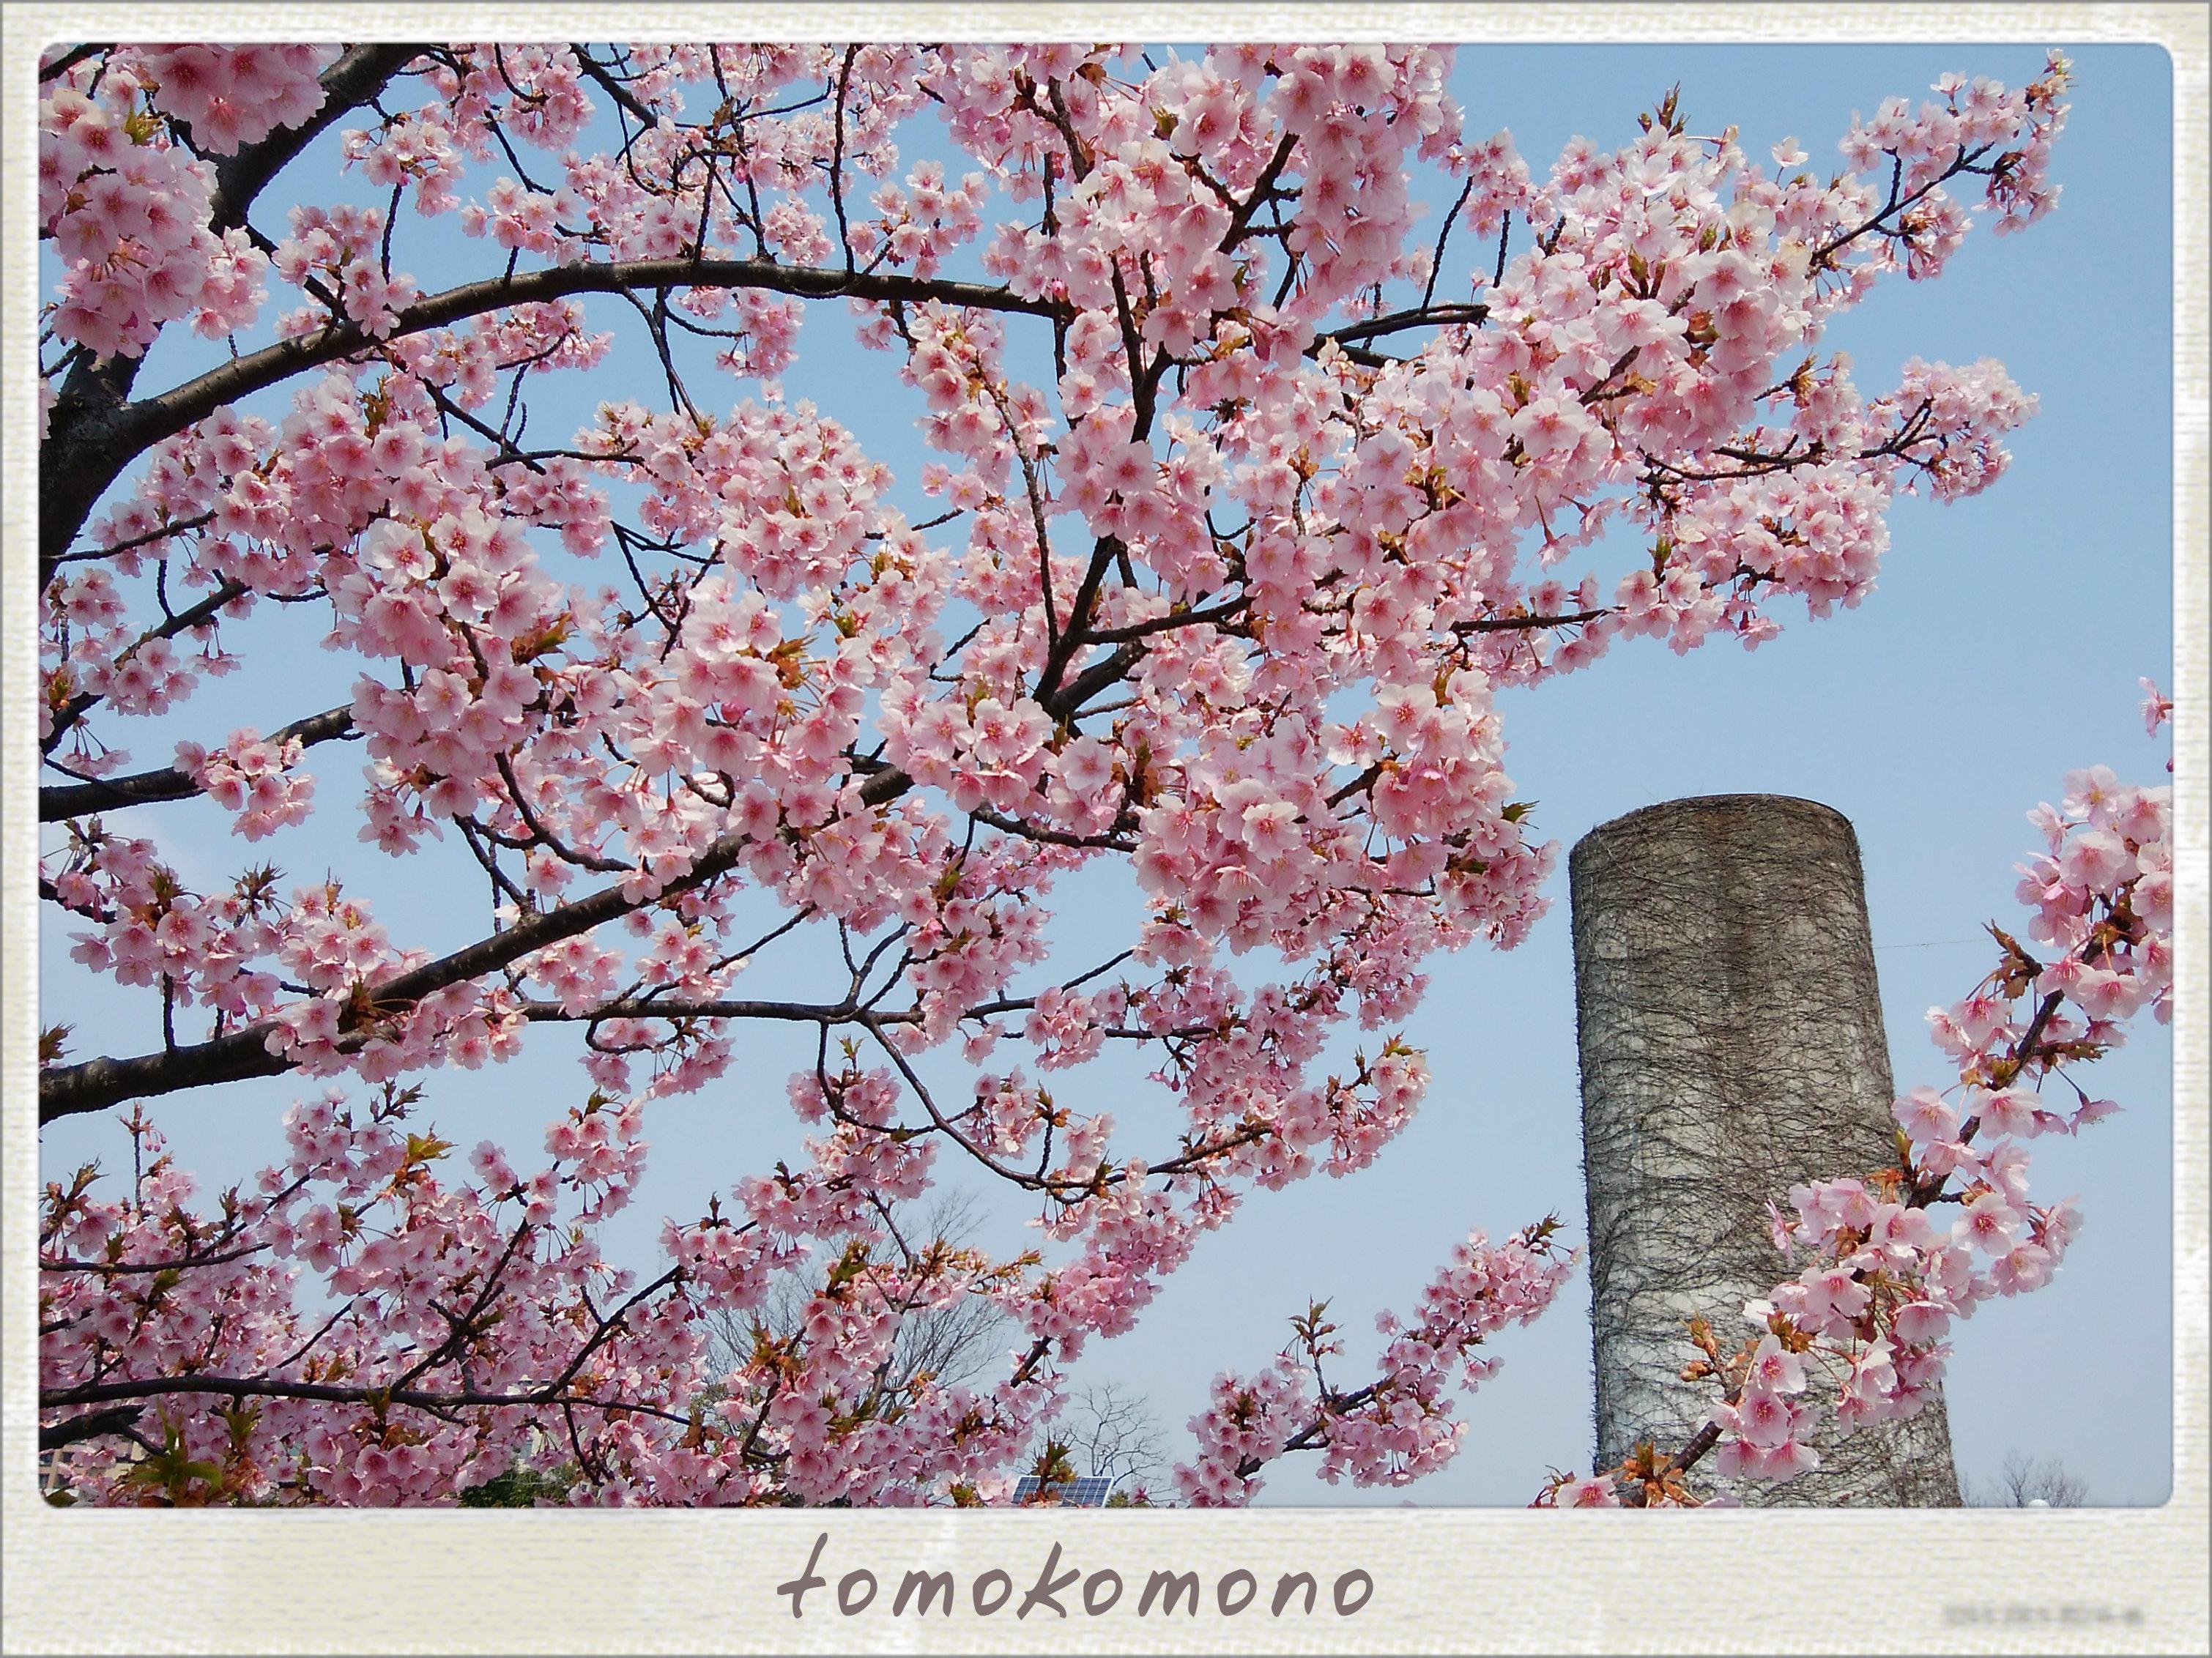 ノリタケの森の桜と名古屋城の梅